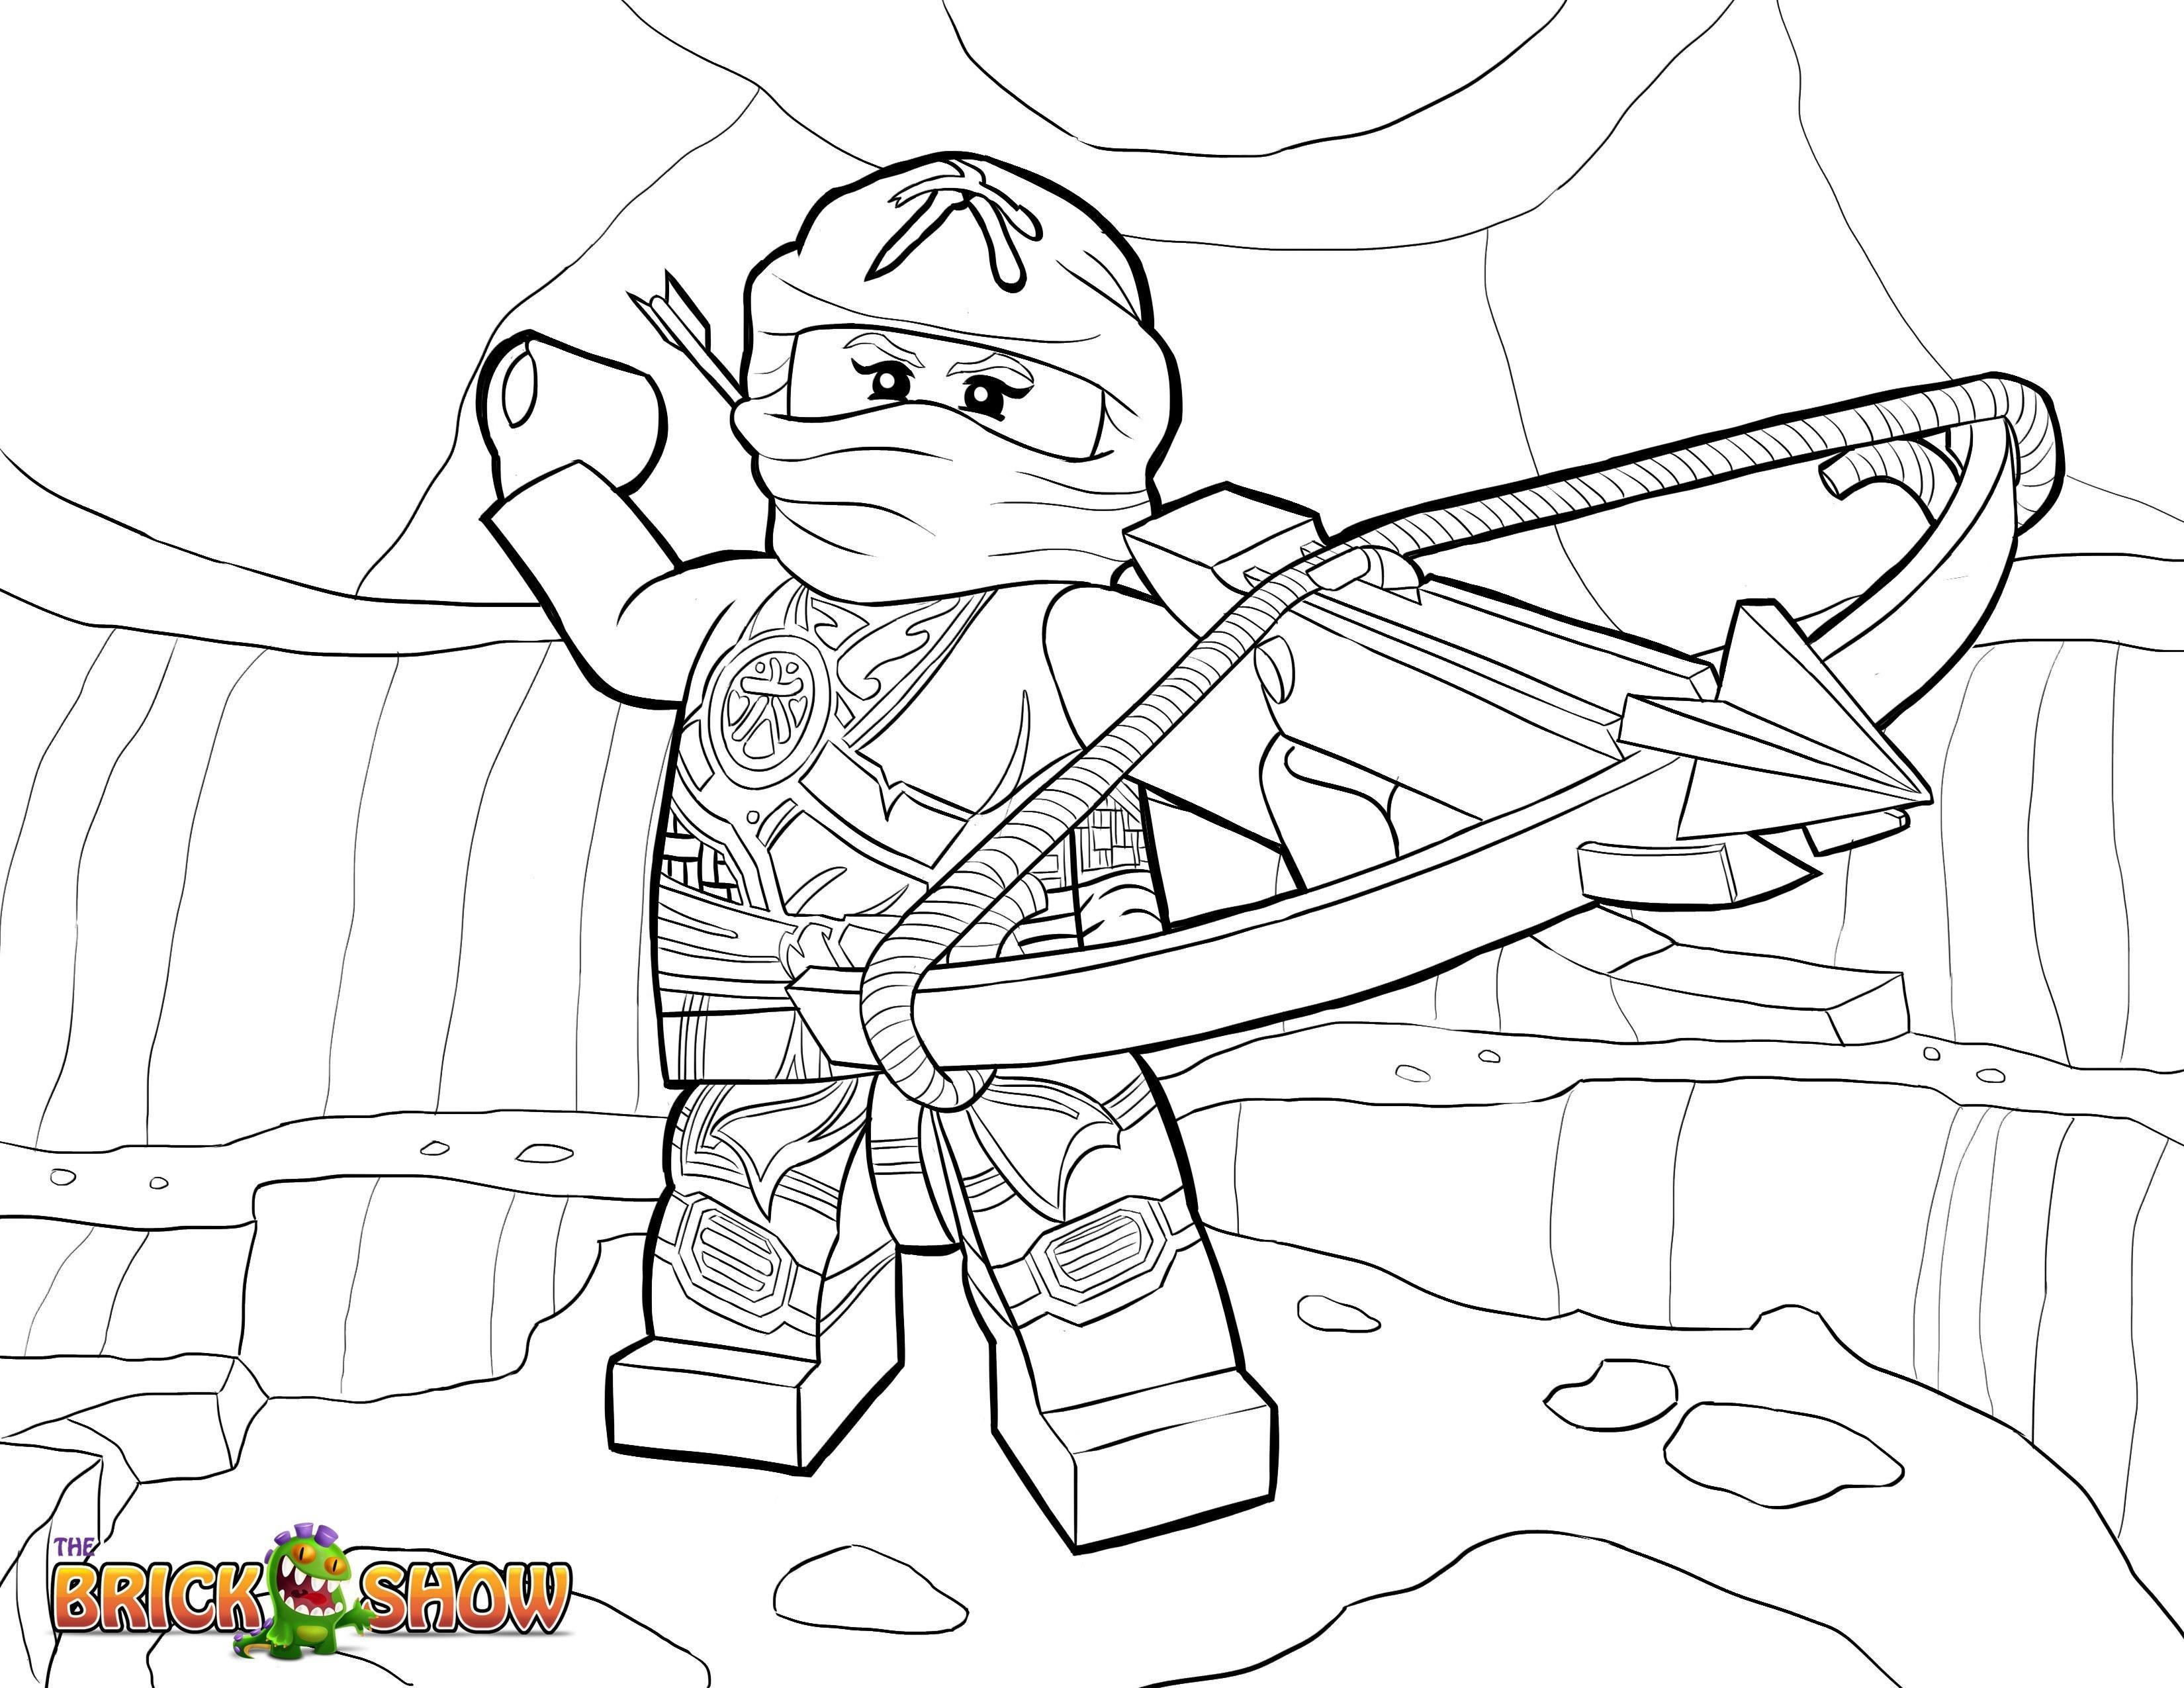 Lego Star Wars Ausmalbilder Das Beste Von 10 Malvorlagen Star Wars Raumschiffe My Blog Fotografieren